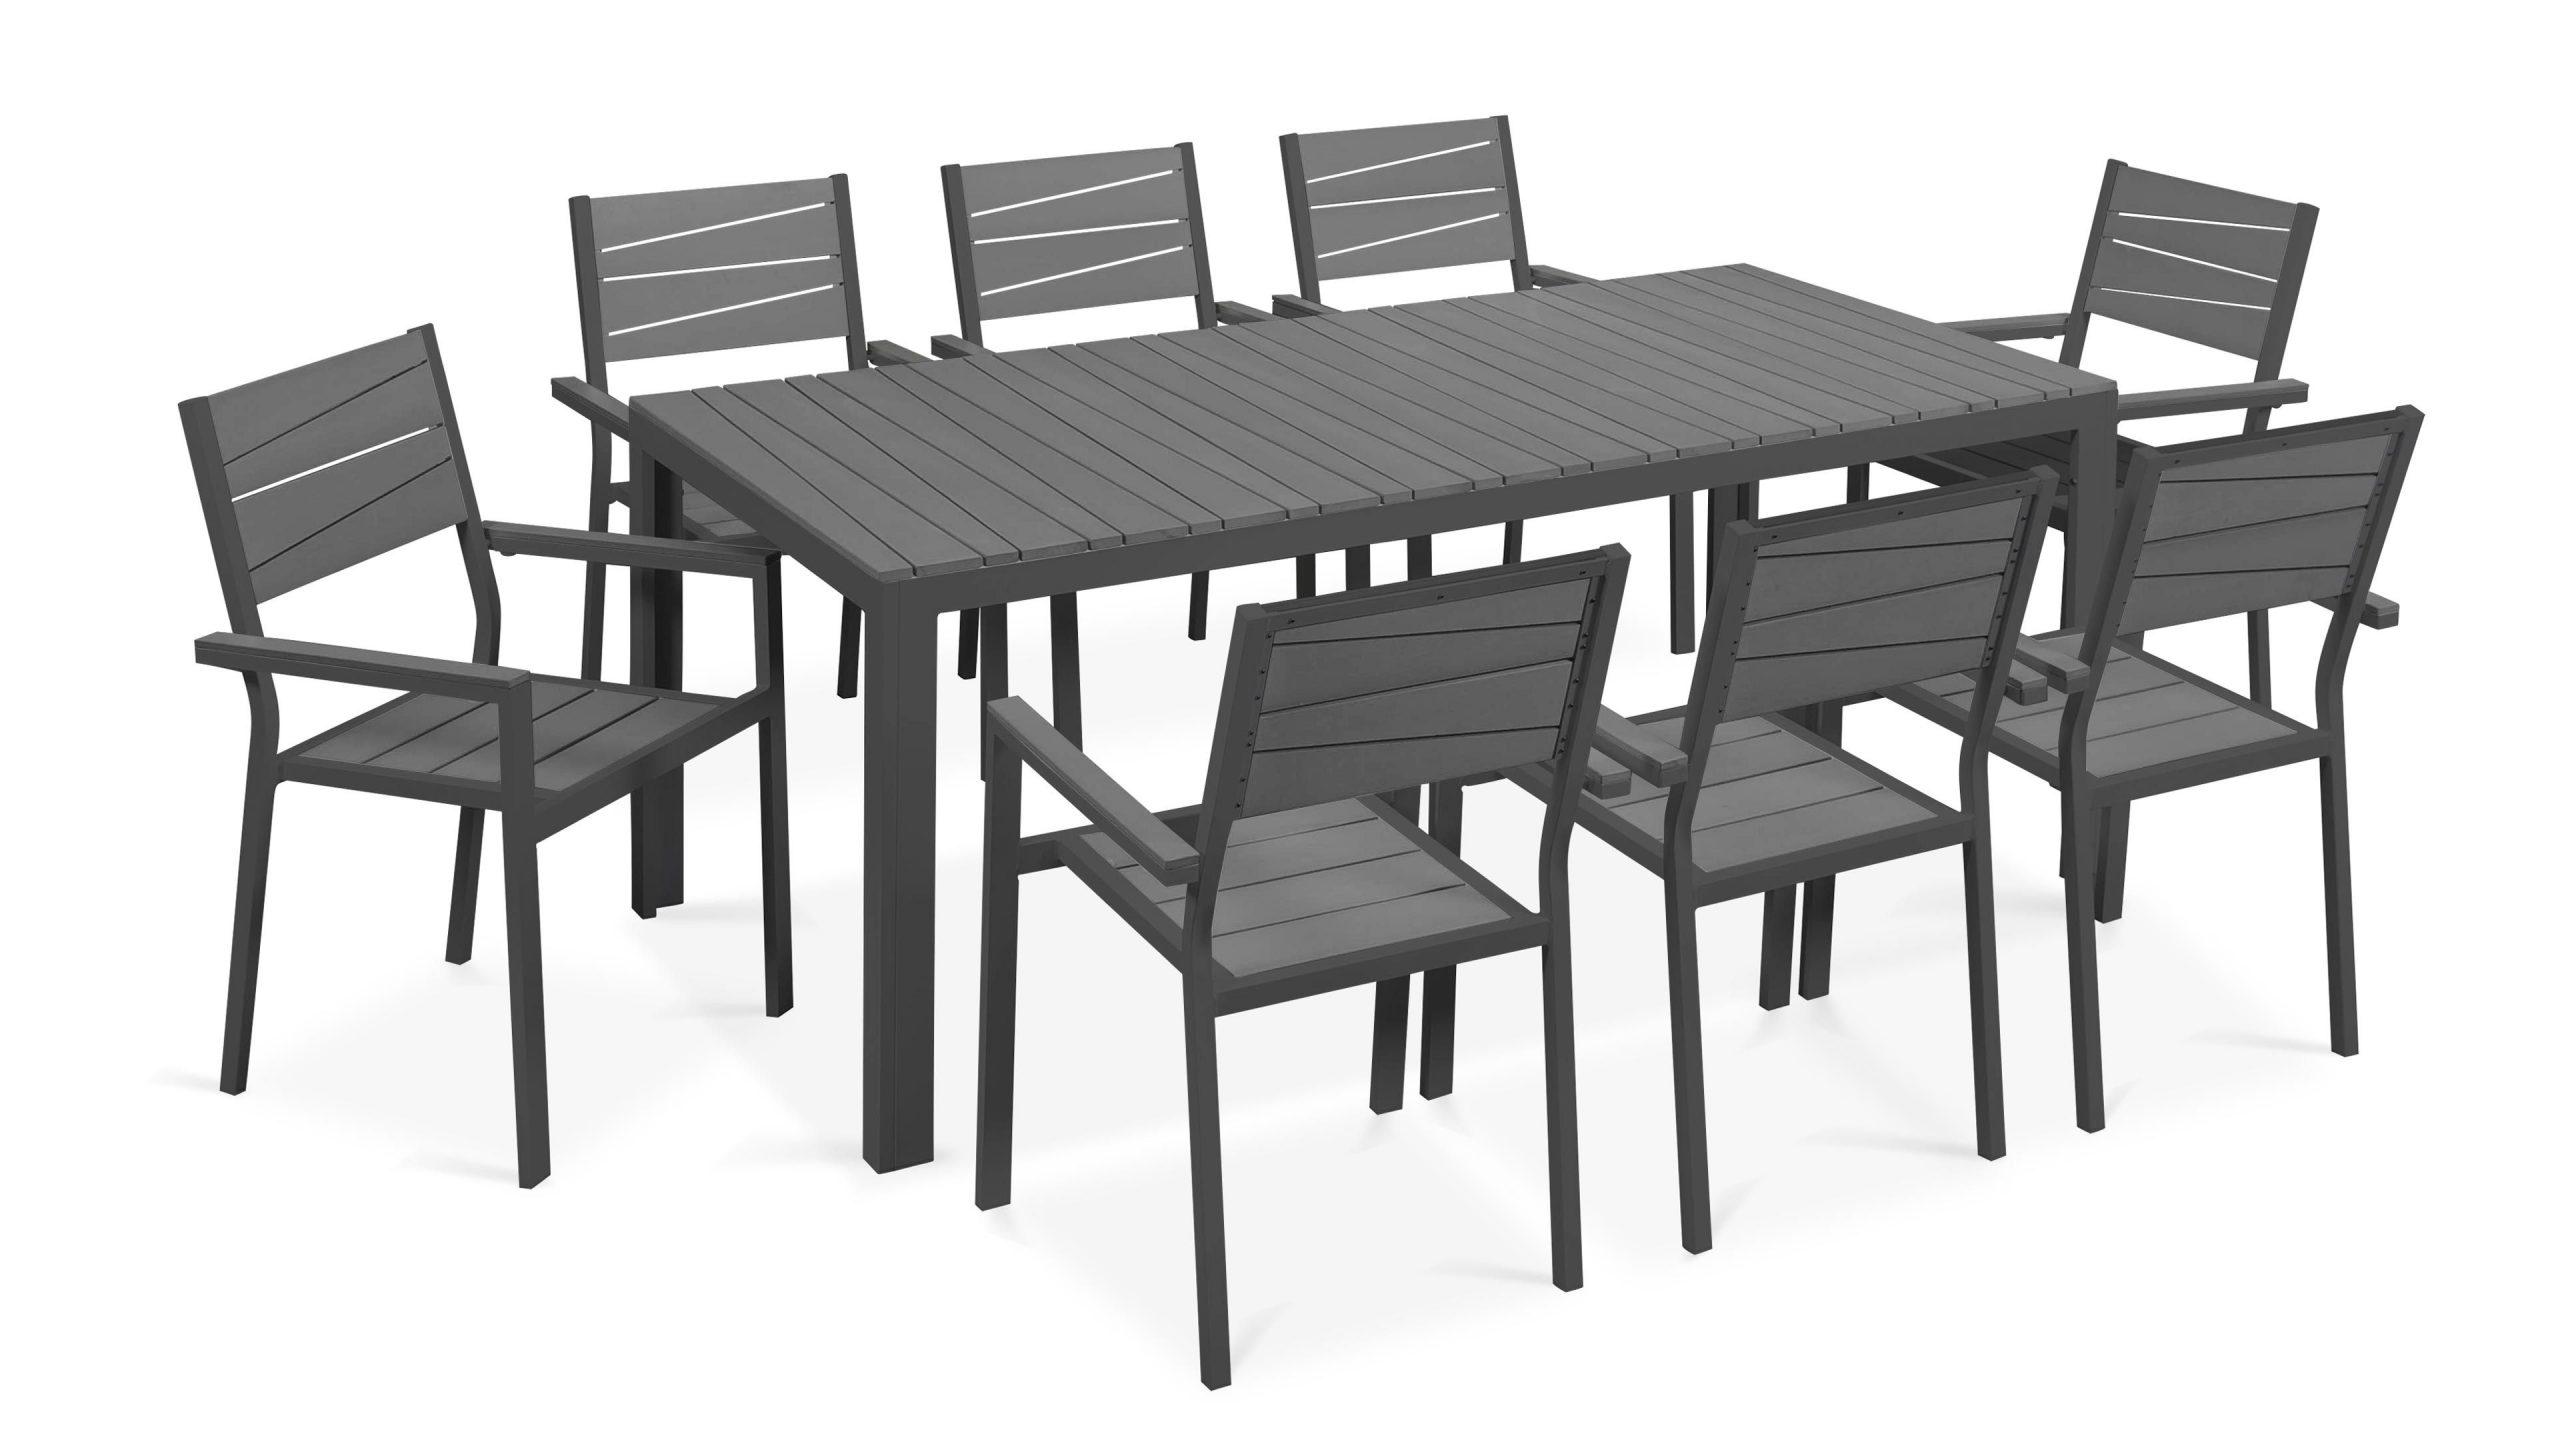 Table De Jardin 8 Places Aluminium Polywood pour Ensemble Table De Jardin Promotion